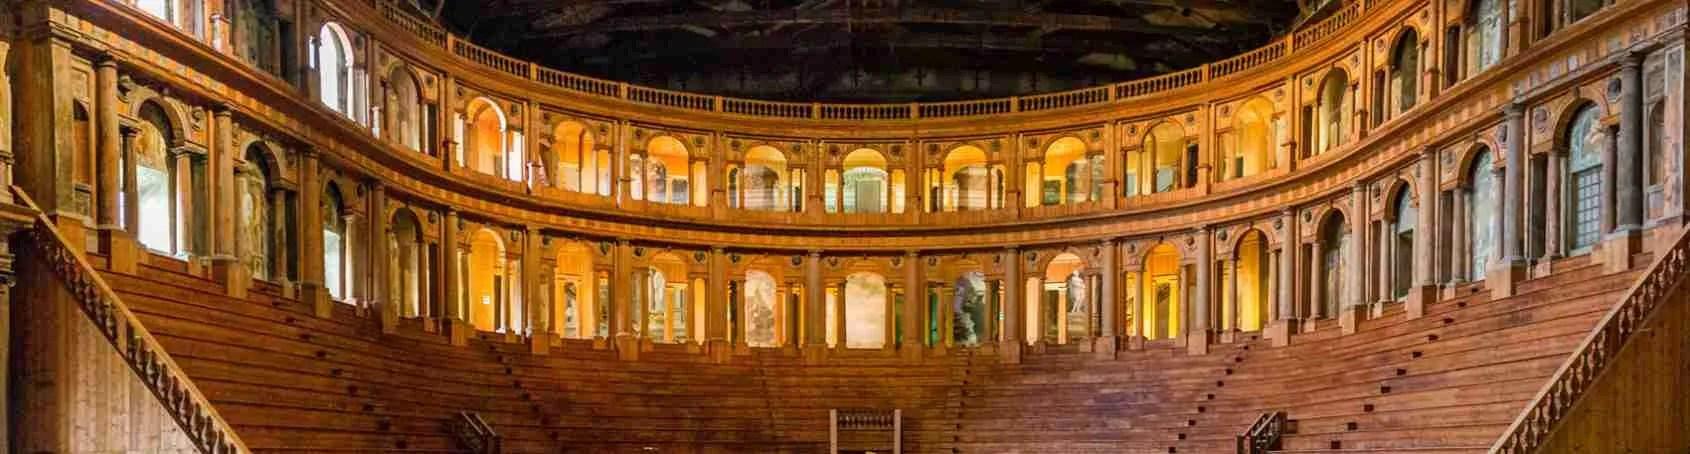 Il Teatro Farnese di Parma rappresenta l'eccellenza musicale parmense dove trascorrere una serata speciale in compagnia di una escort Parma. Magica Escort